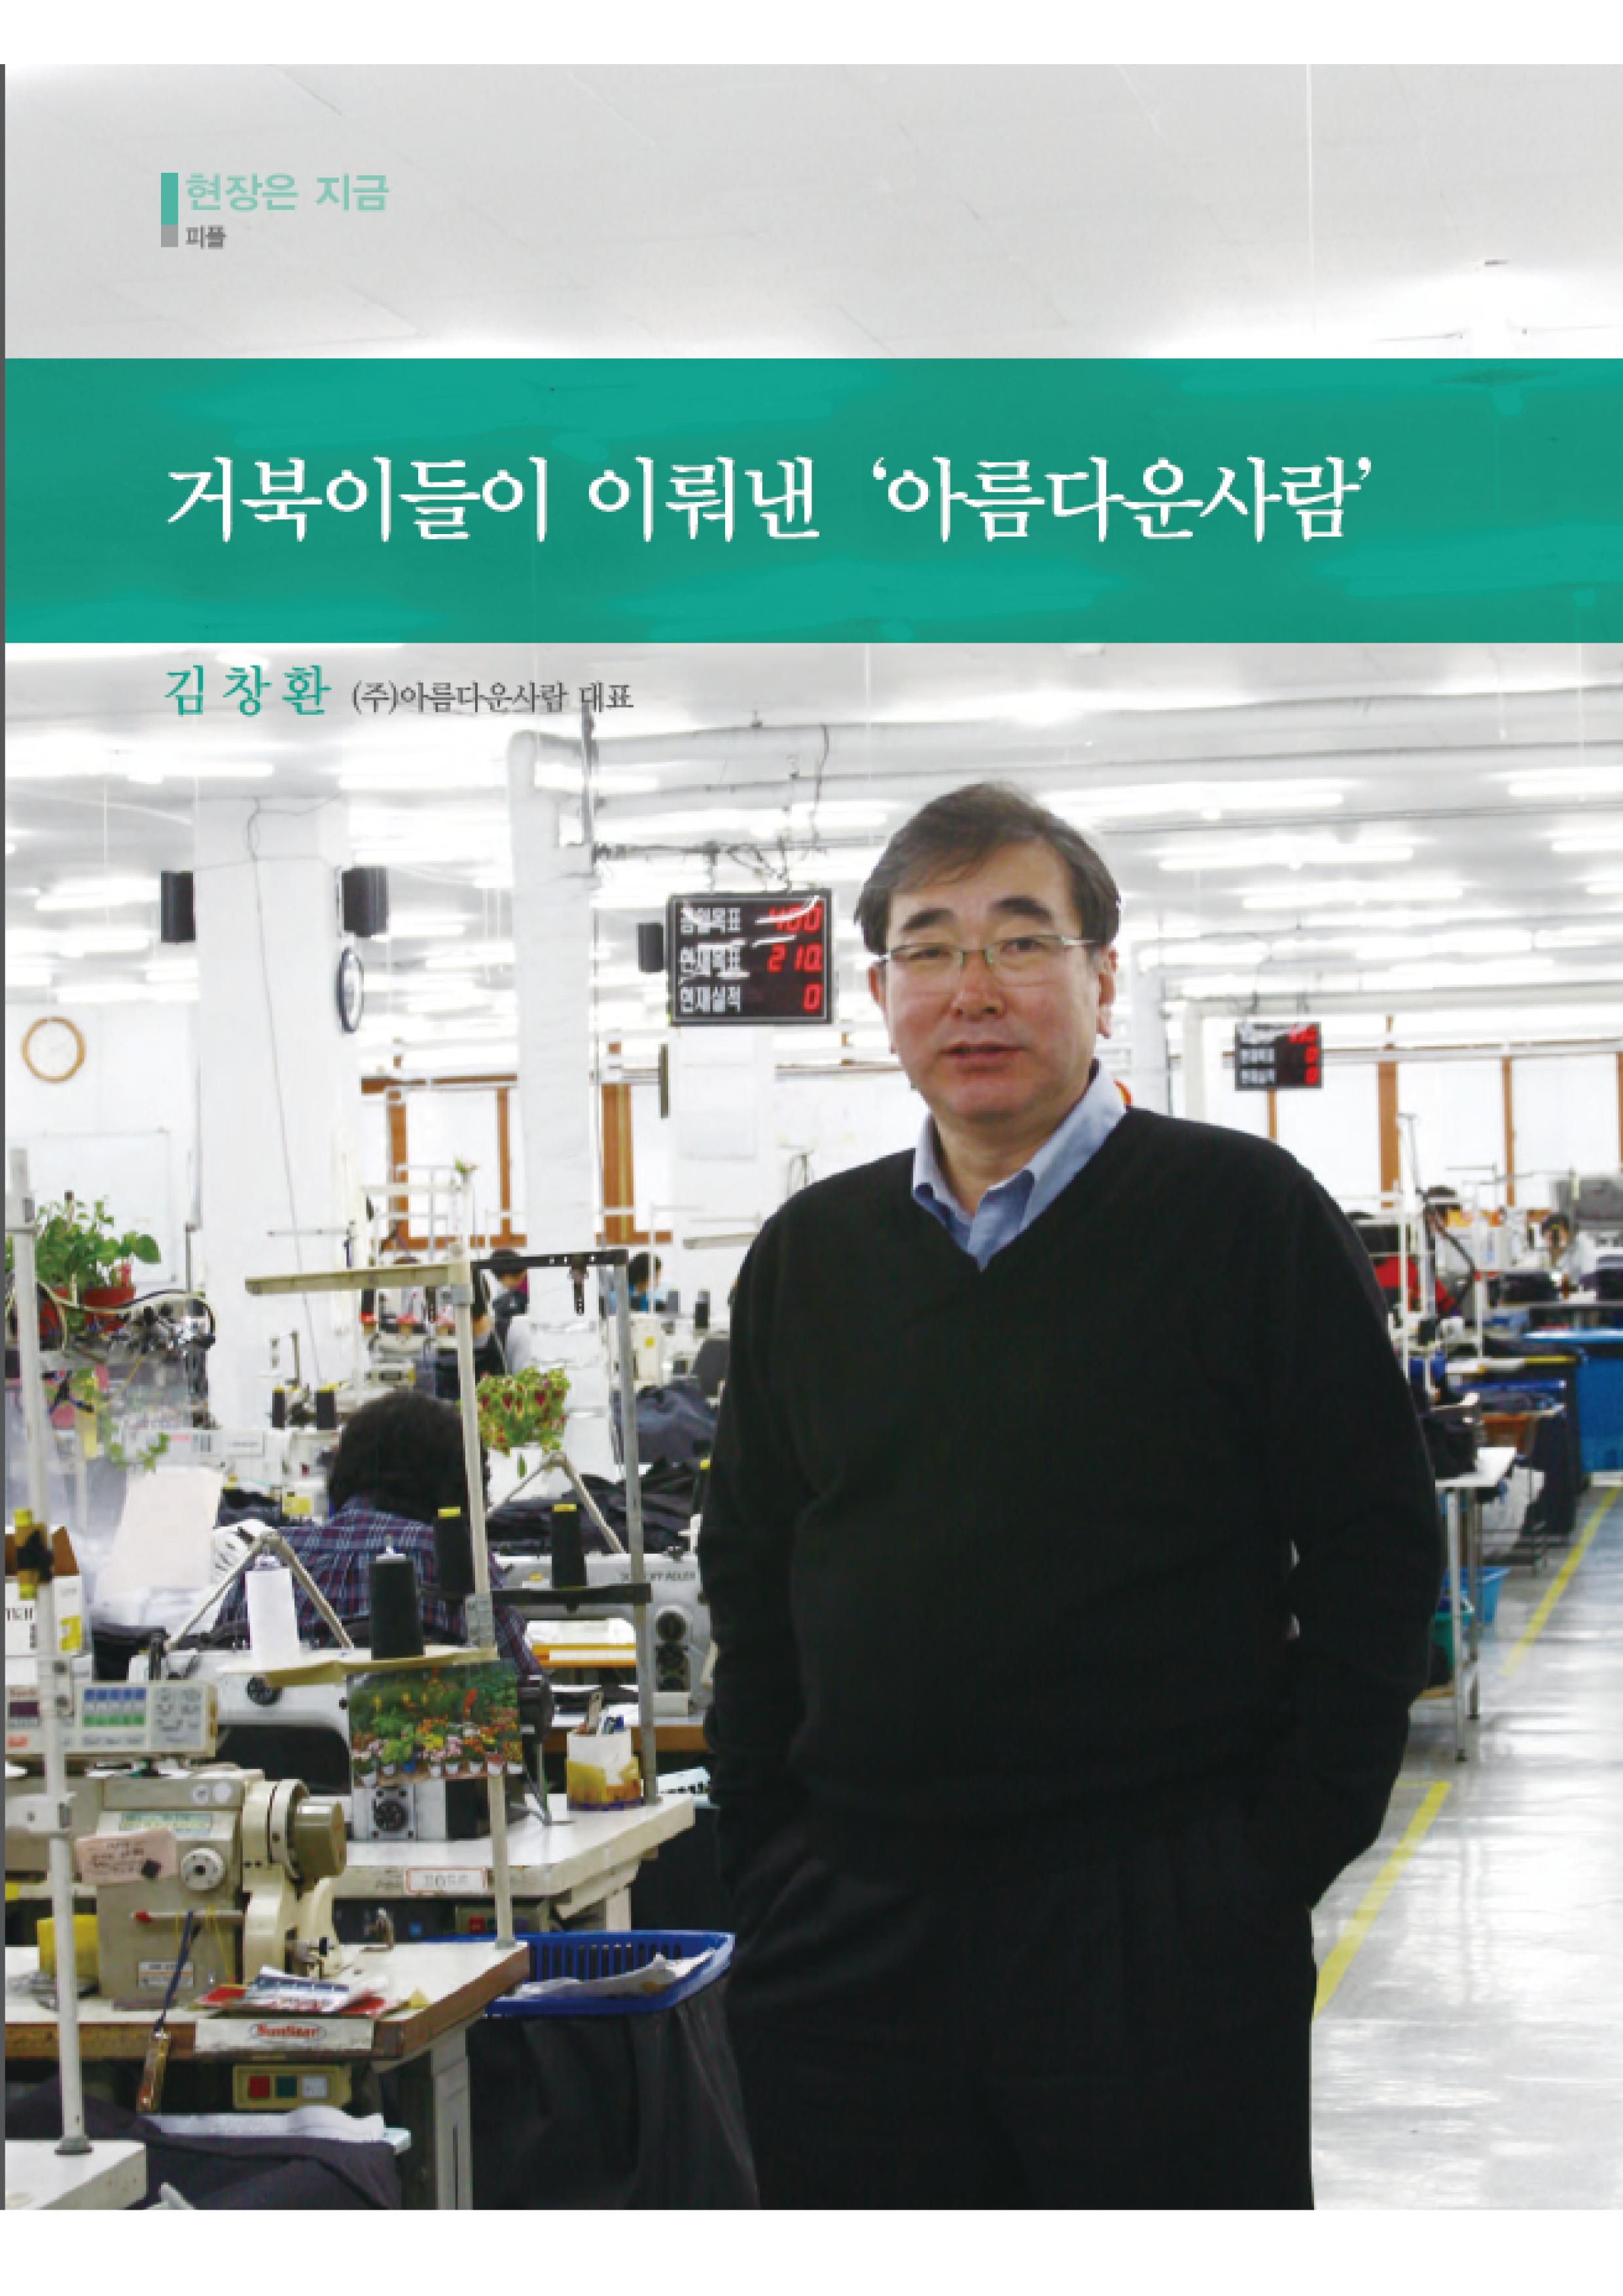 200201 월간노동법률